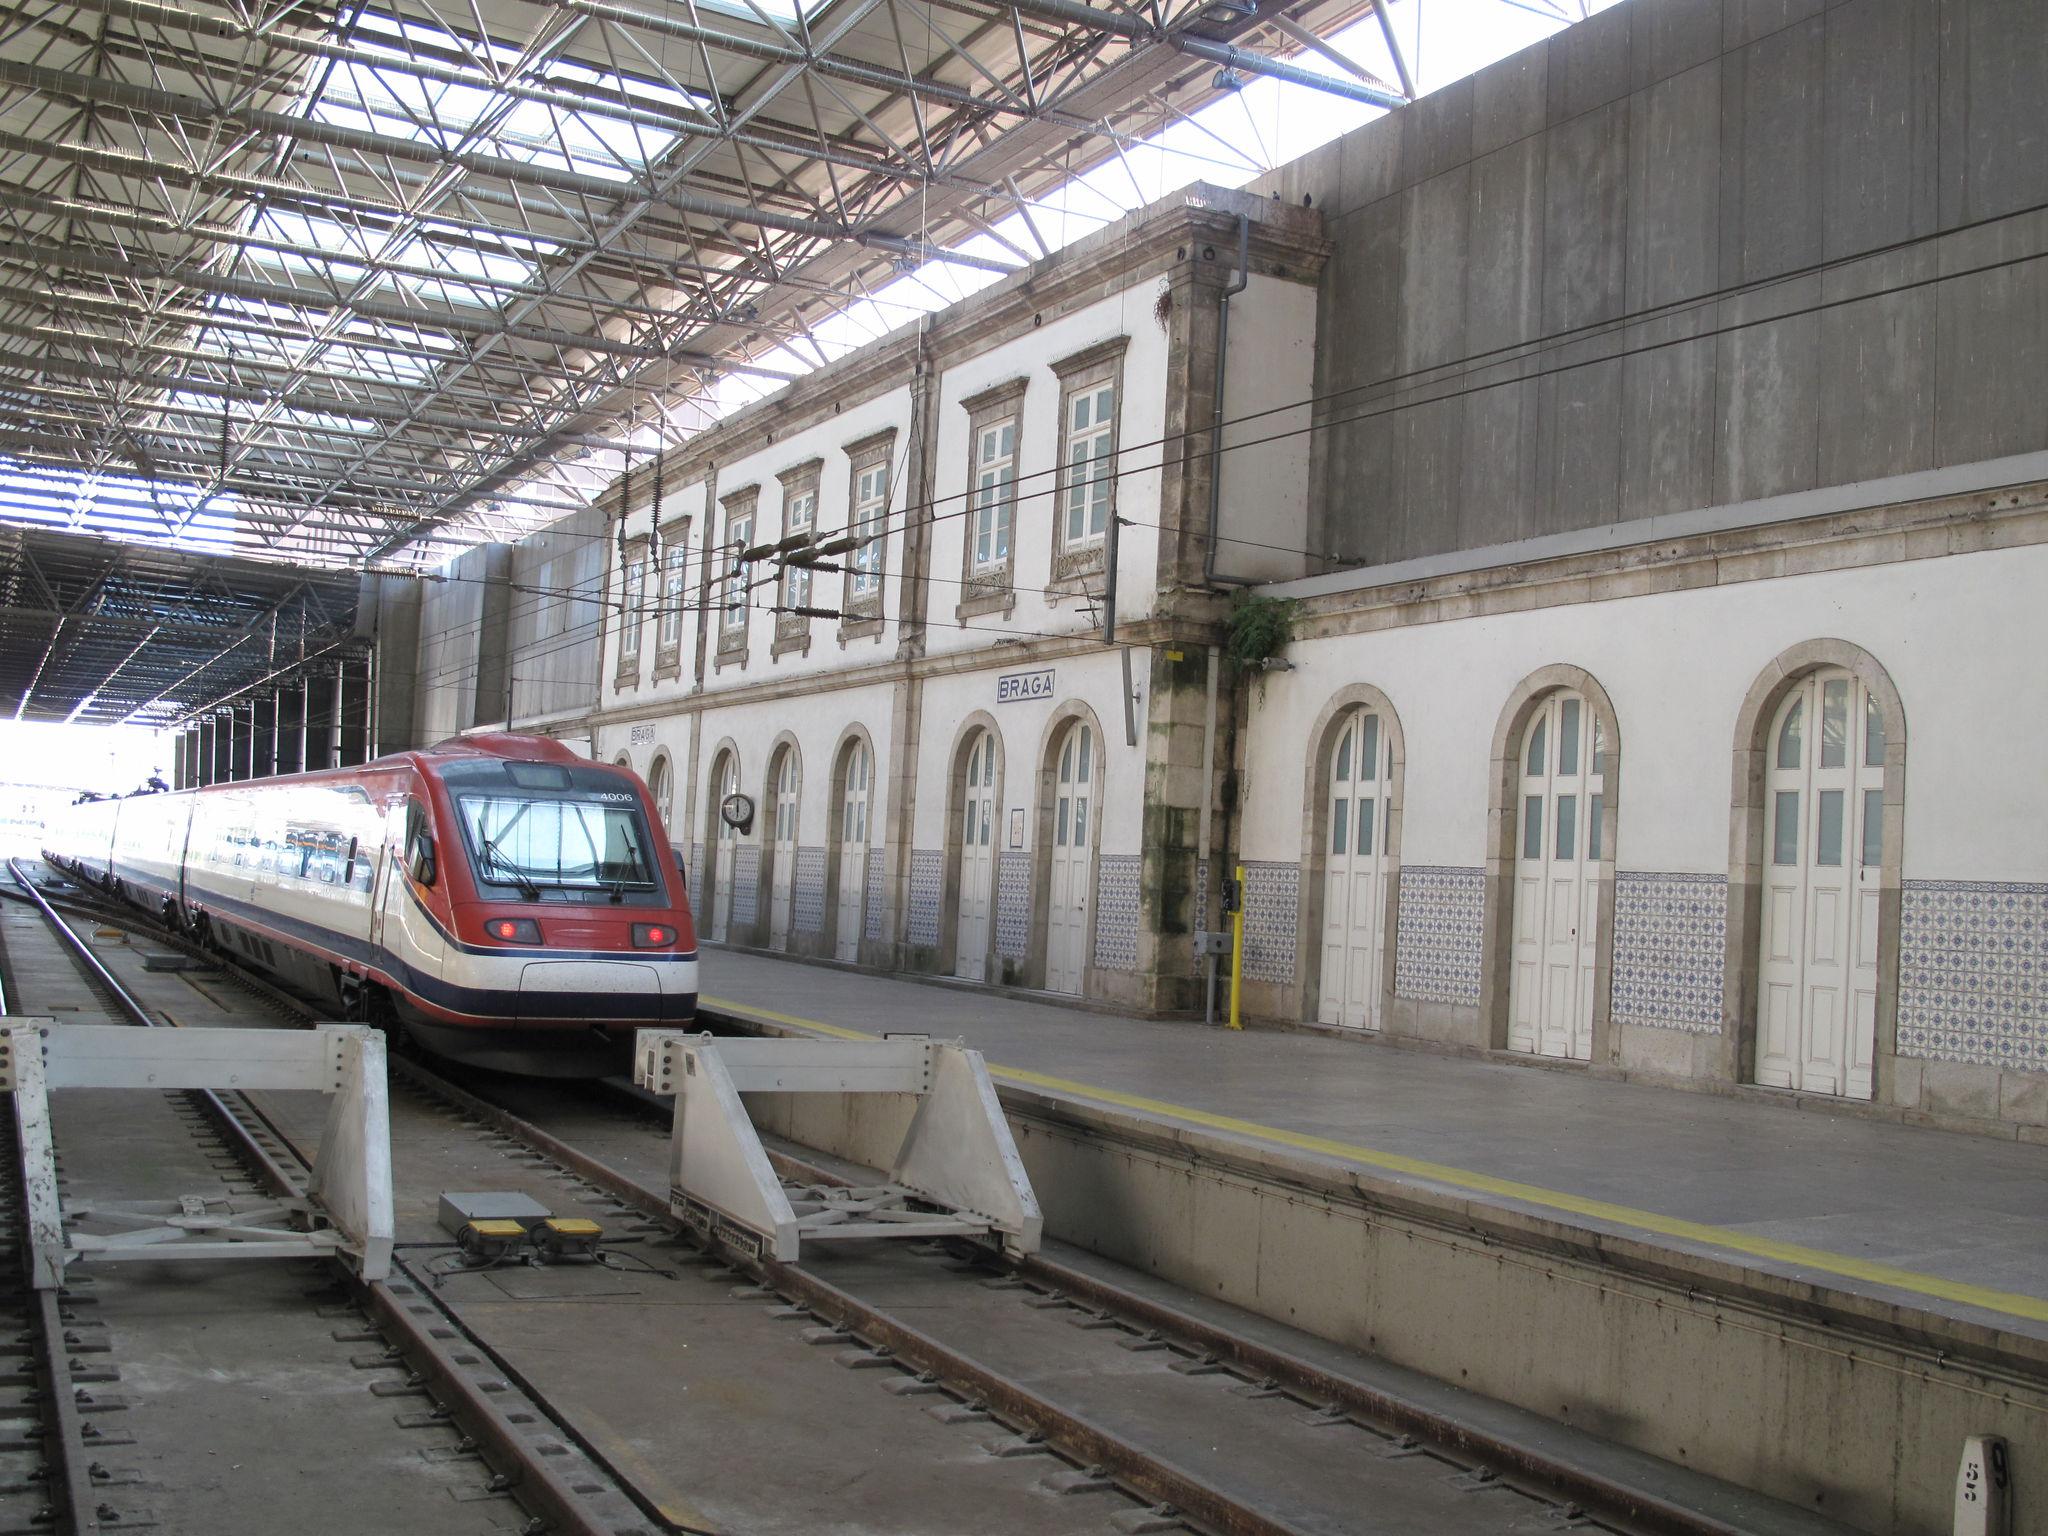 Braga (Portugal) 2